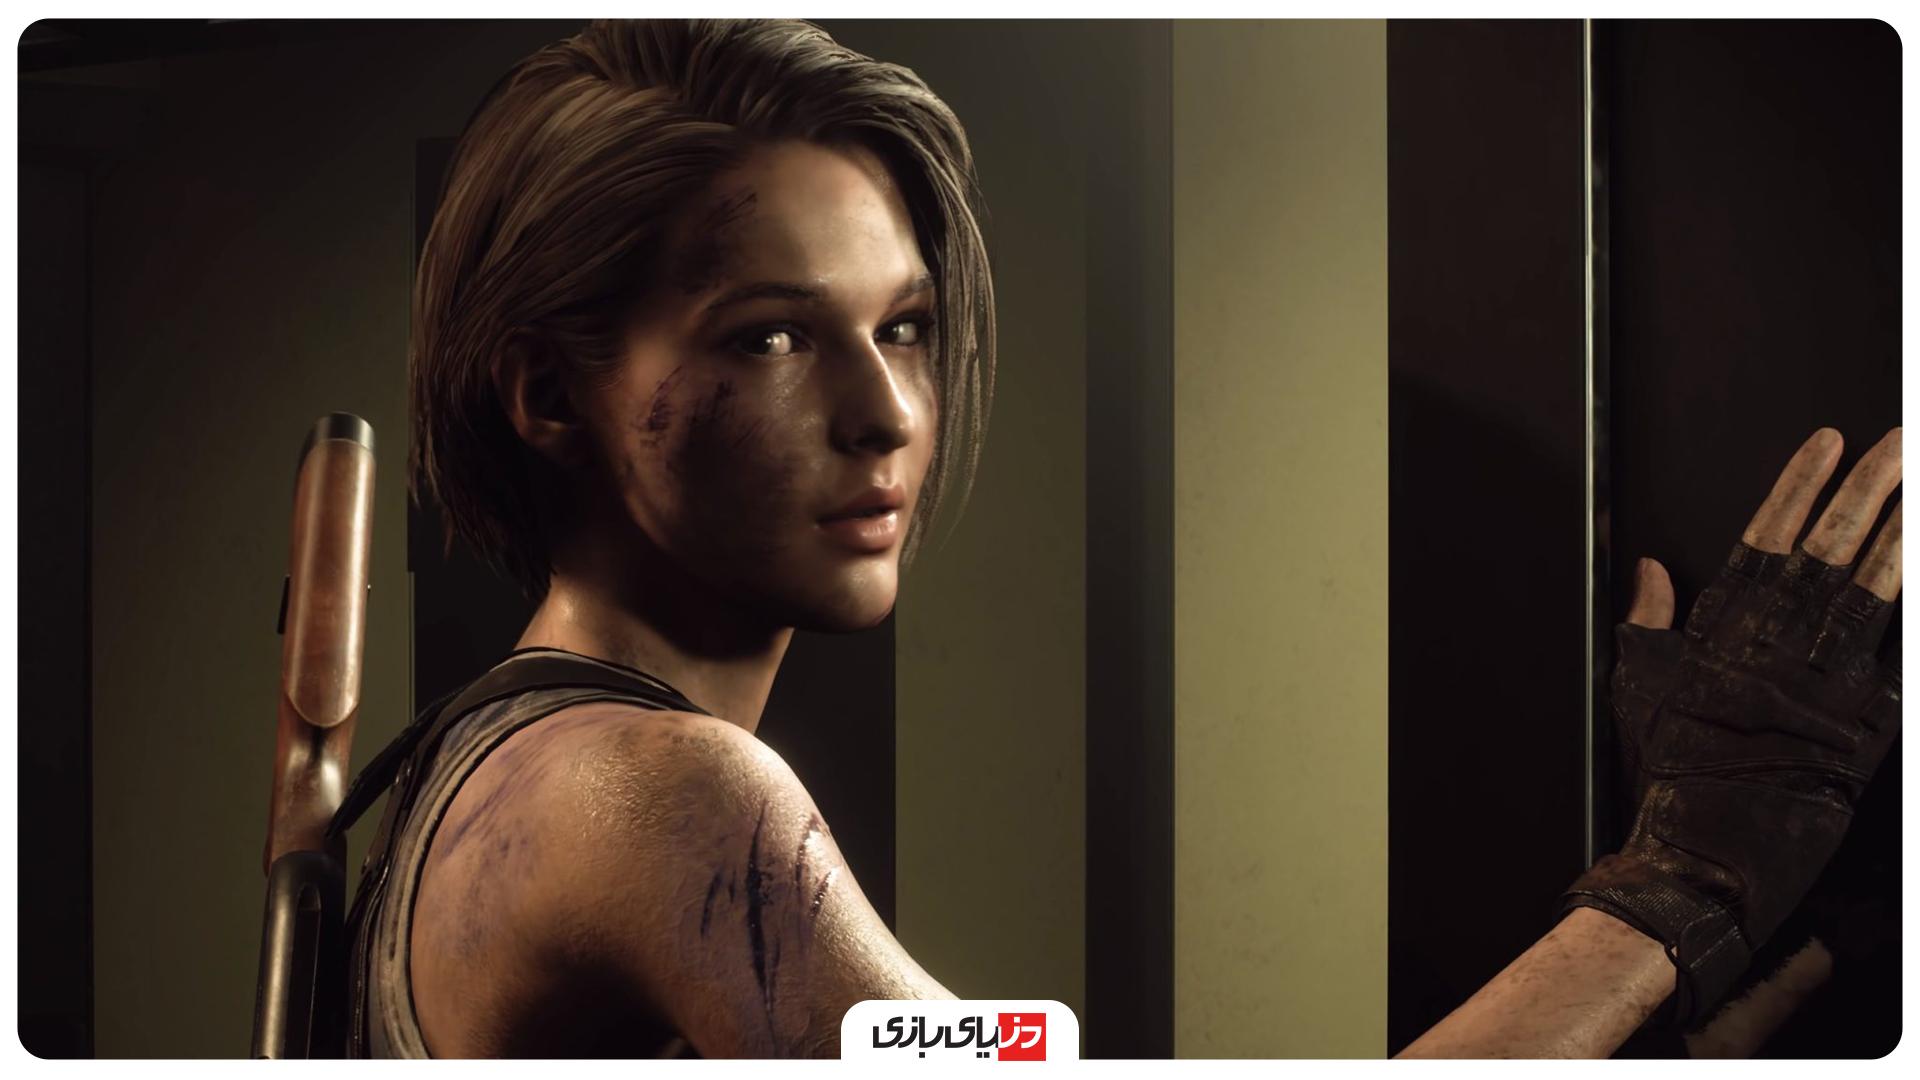 حقایق جالب Resident Evil